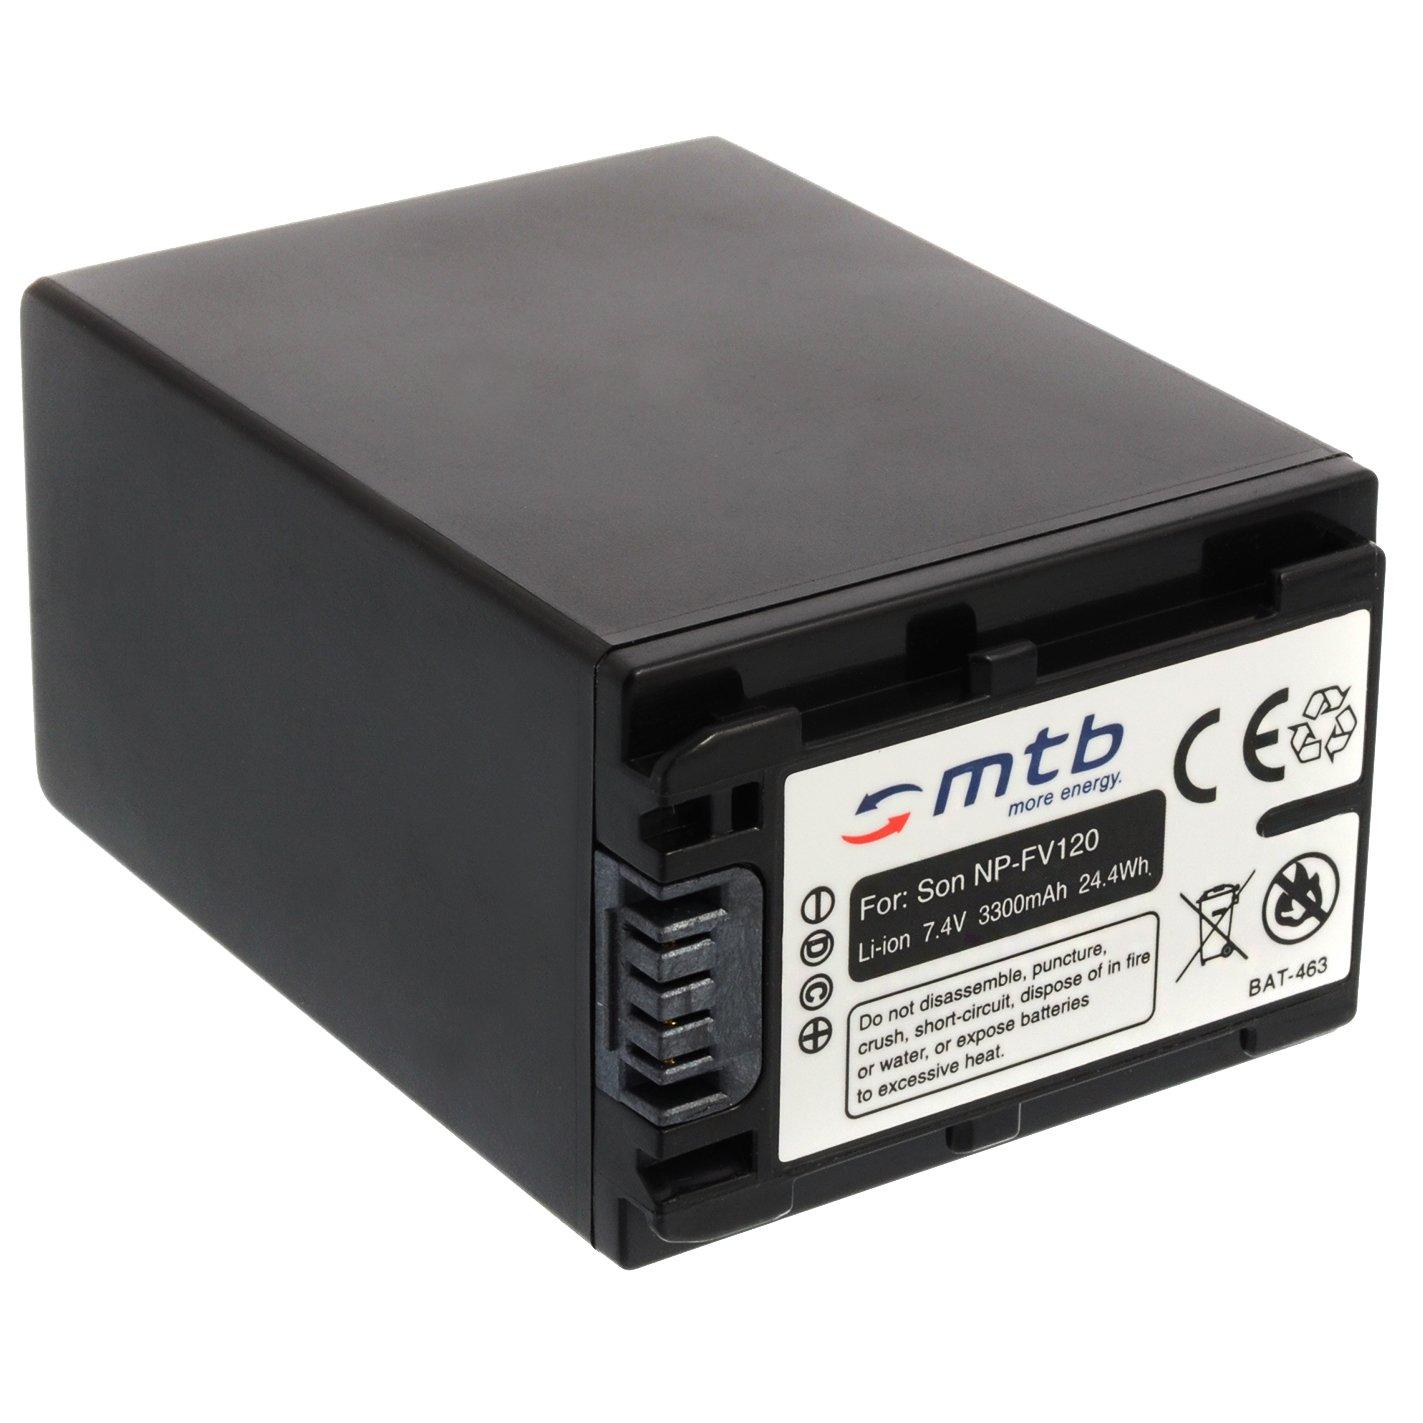 Batteria NP-FV120 (3300mAh) – sostituisce NP-FV100A – per Sony DEV-30, 50V.. / HDR-CX740, CX900../ PJ410 PJ620.. / FDR-AX33... - v. lista! [Li-Ion - 7.2V - con Infochip] mtb more energy BAT-463